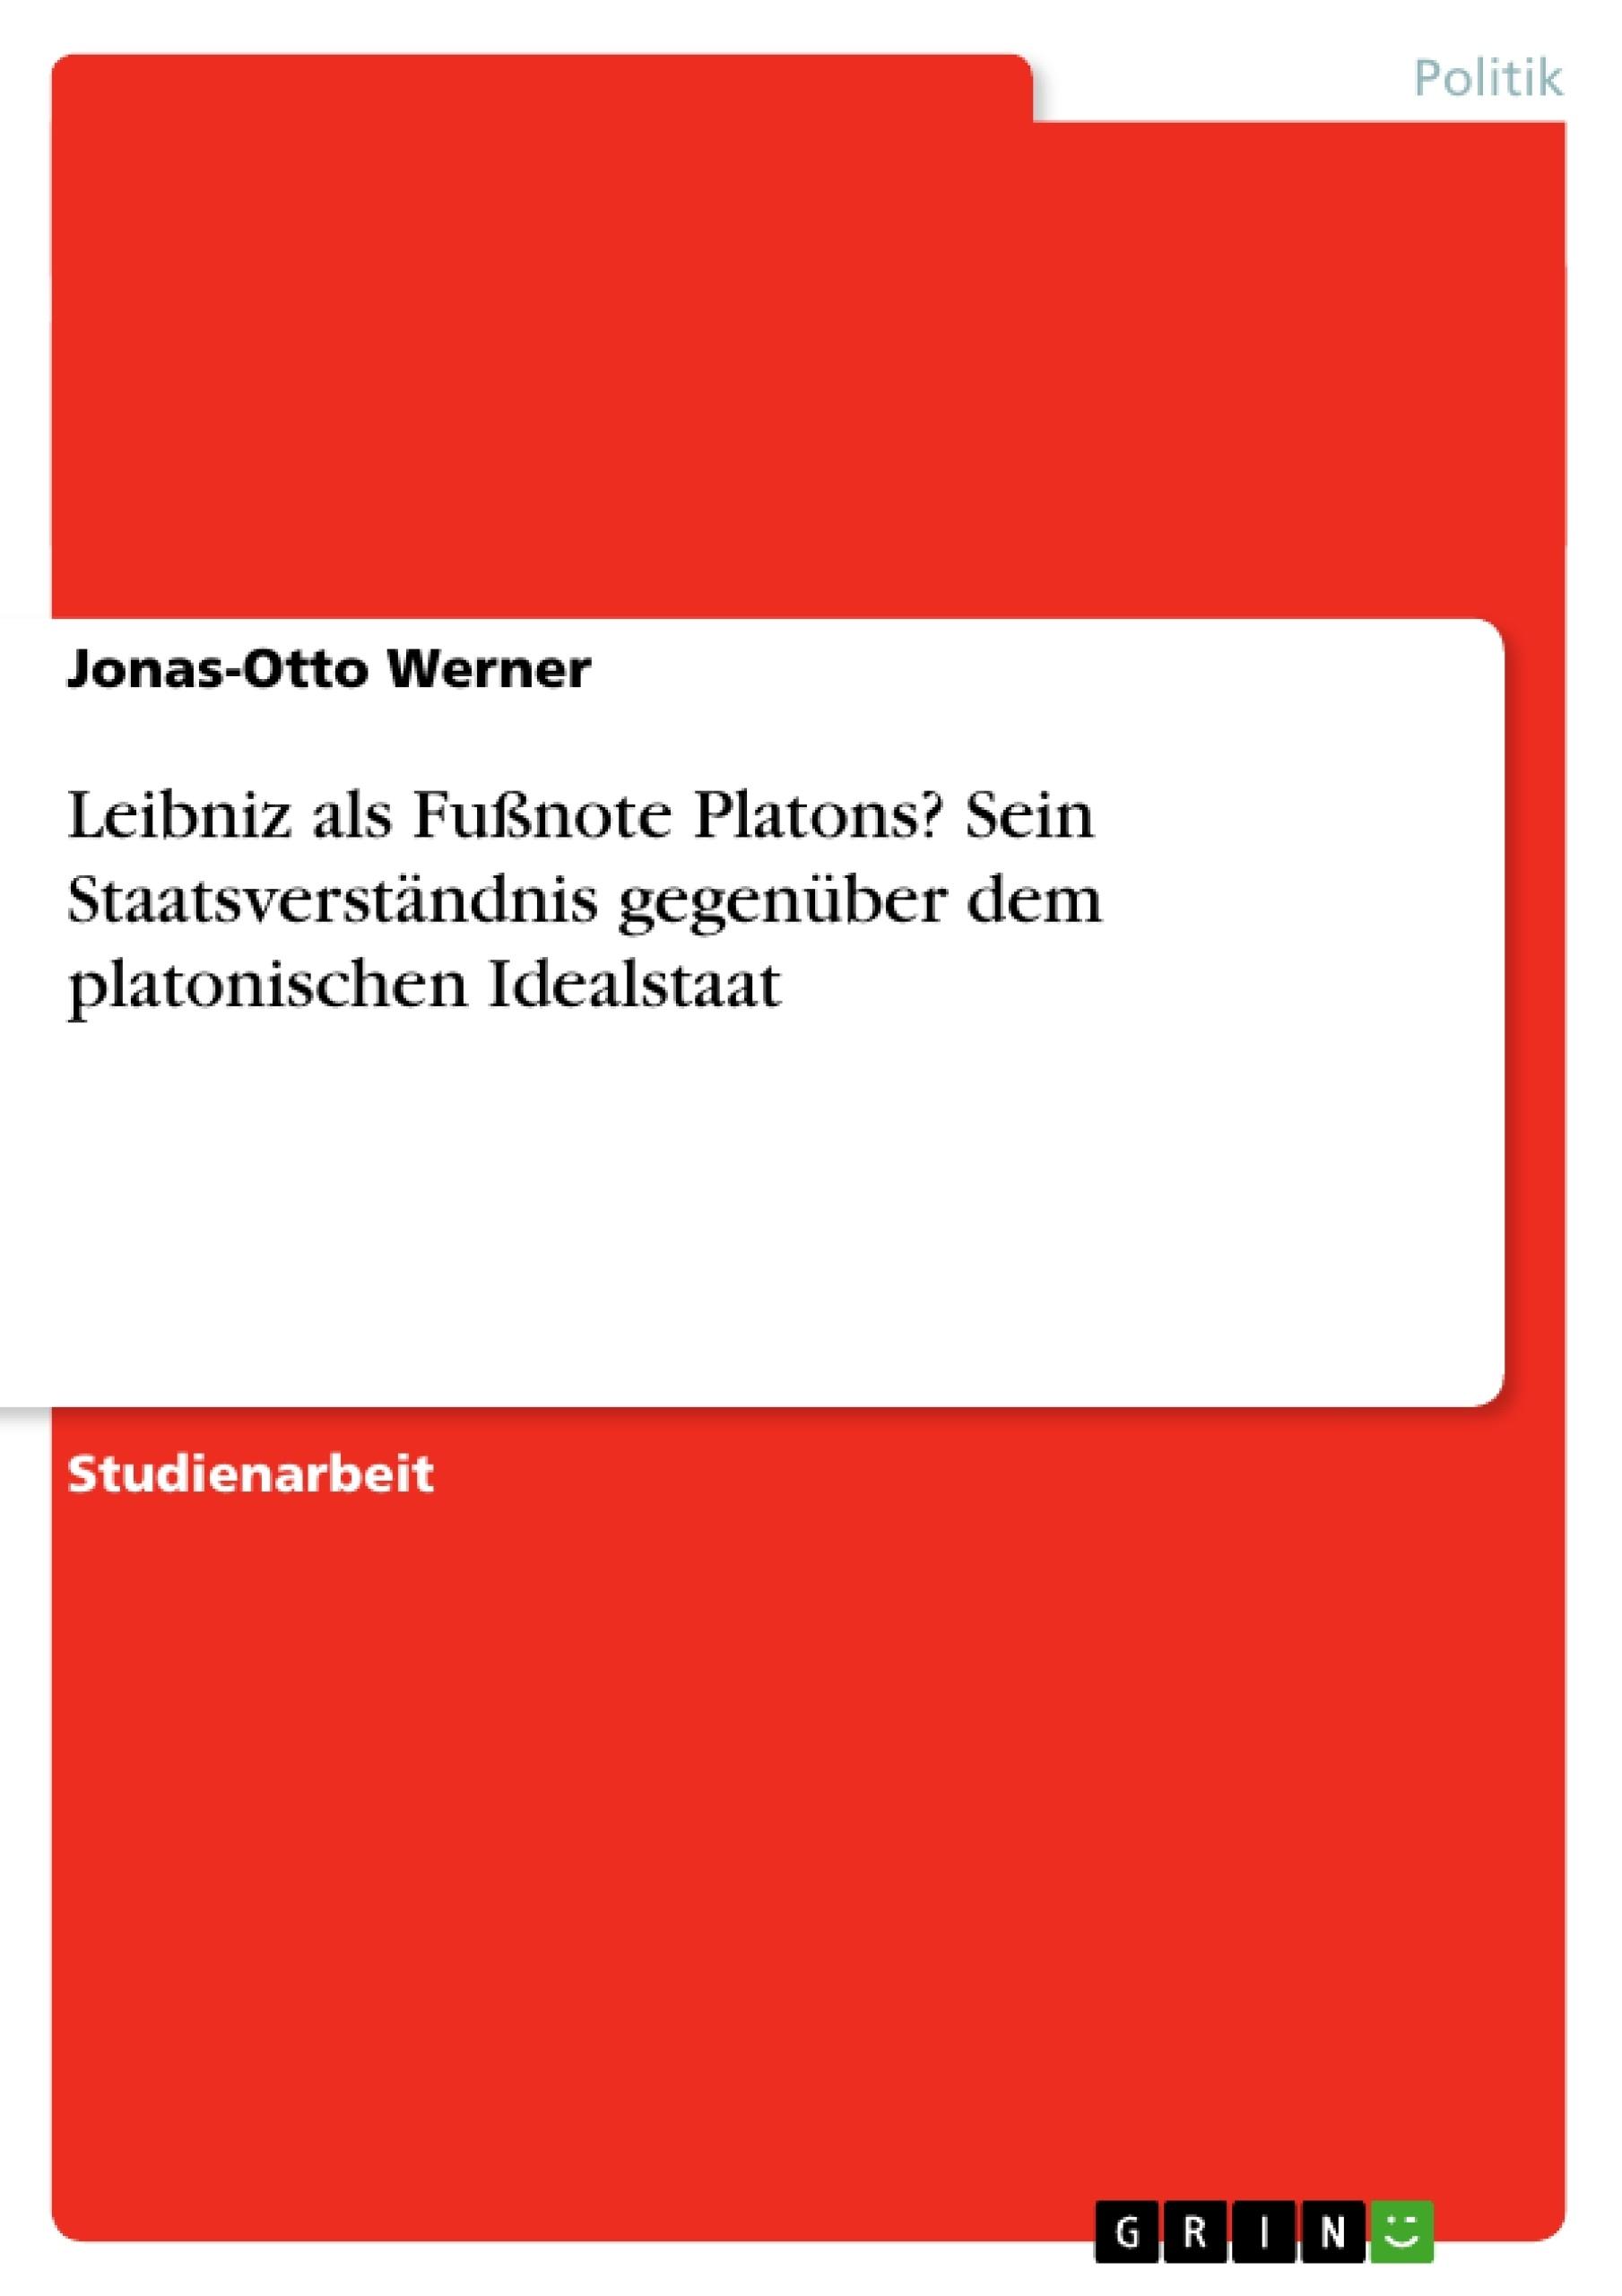 Titel: Leibniz als Fußnote Platons? Sein Staatsverständnis gegenüber dem platonischen Idealstaat